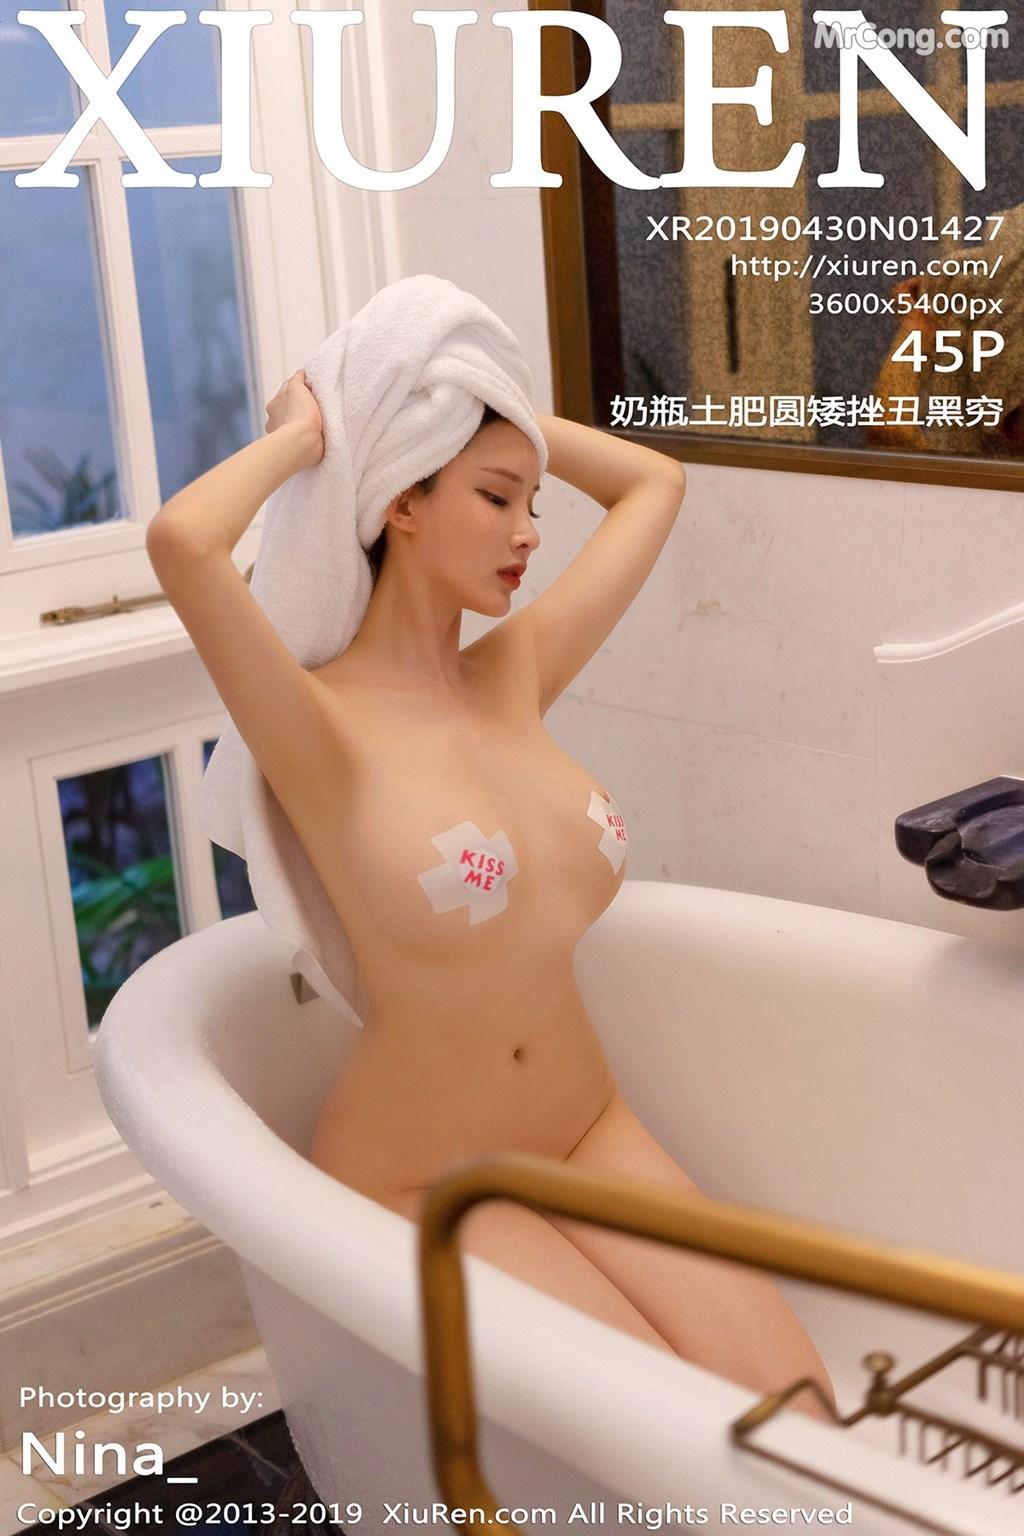 XIUREN No.1427: 奶瓶 土肥 圆 矮 挫 丑 黑 穷 (46 pictures)